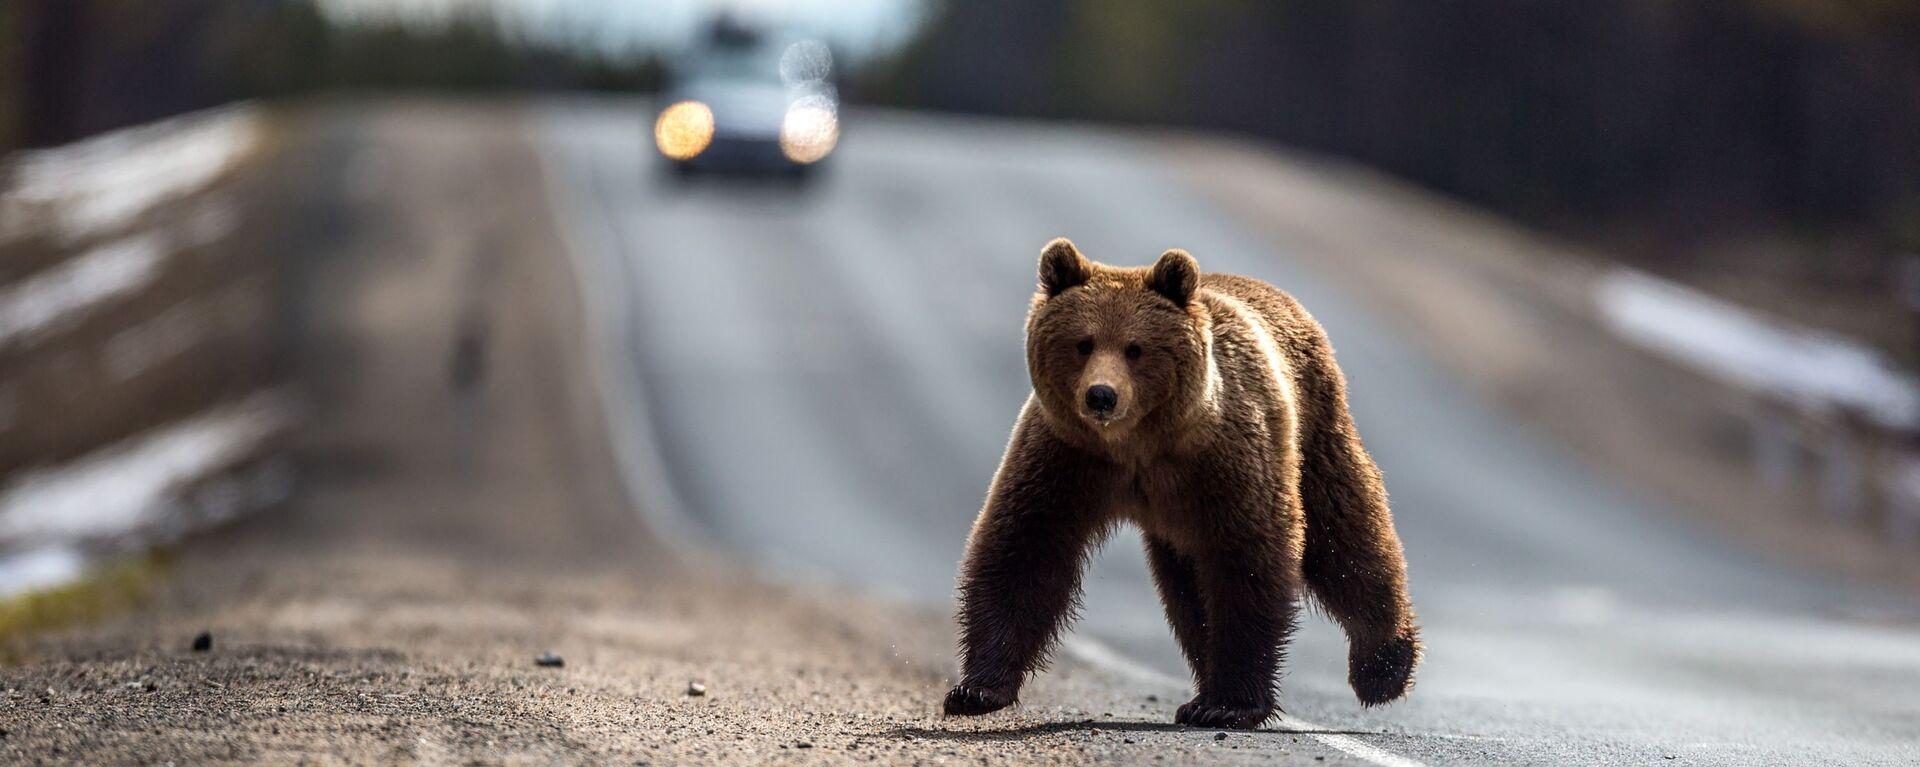 Medvěd po zimním spánku přebíhá přes silnici v ruské Karélii - Sputnik Česká republika, 1920, 23.08.2021